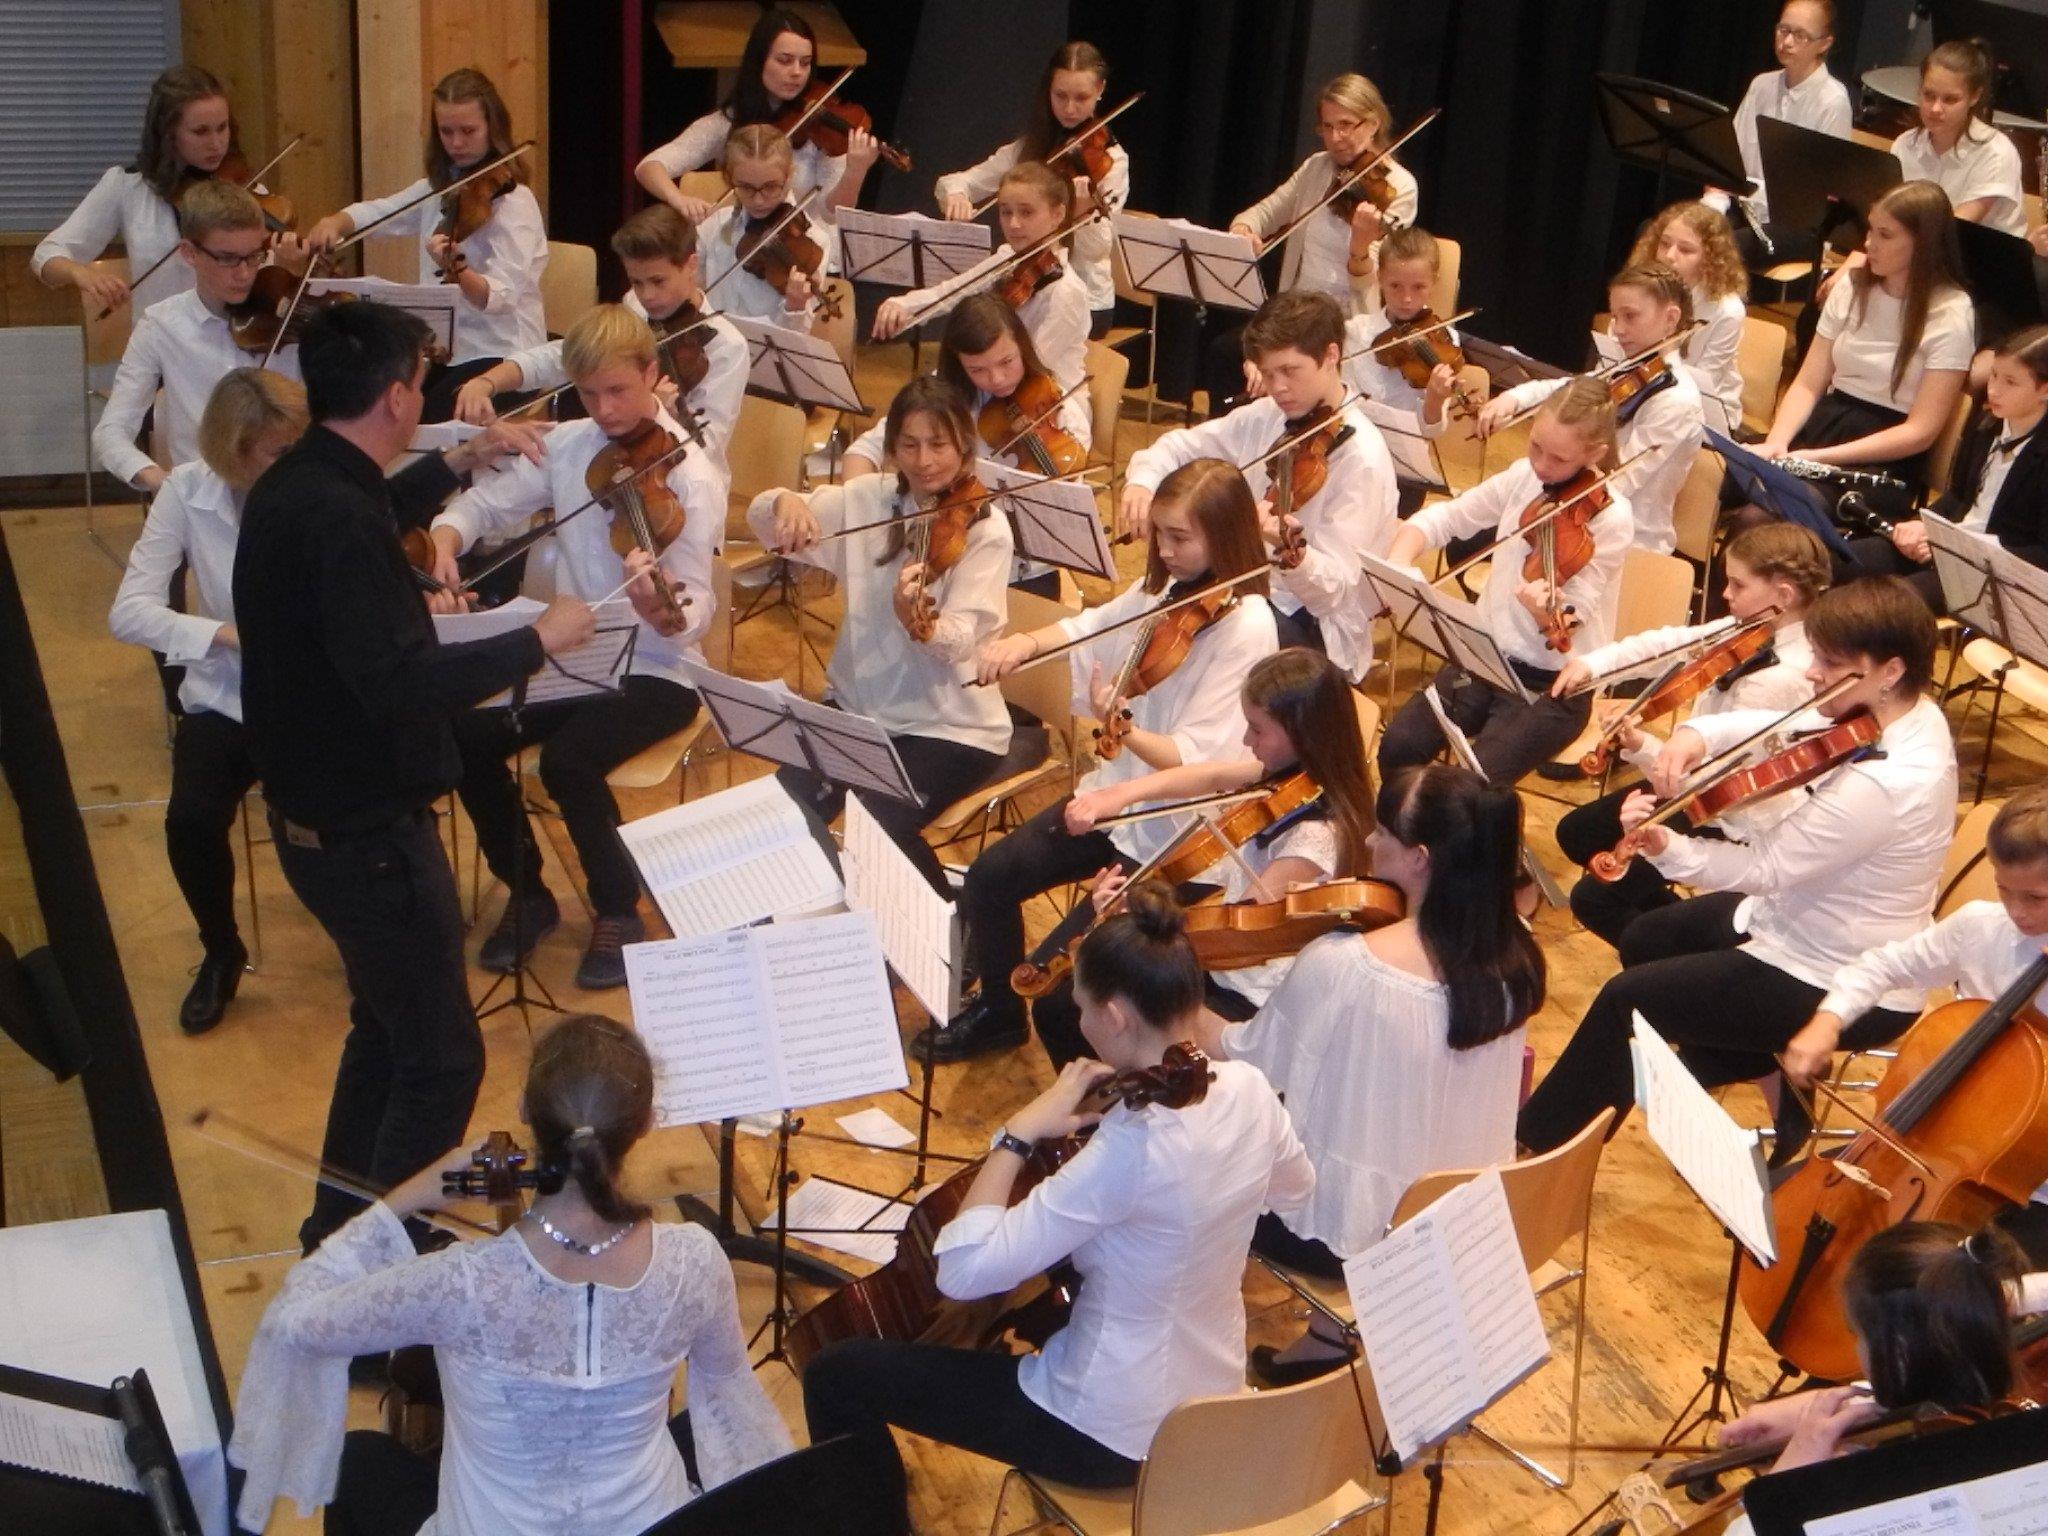 Das Orchester der Musikschule Bregenzerwald zog bei einem begeisternden Konzert alle Register seines Könnens.